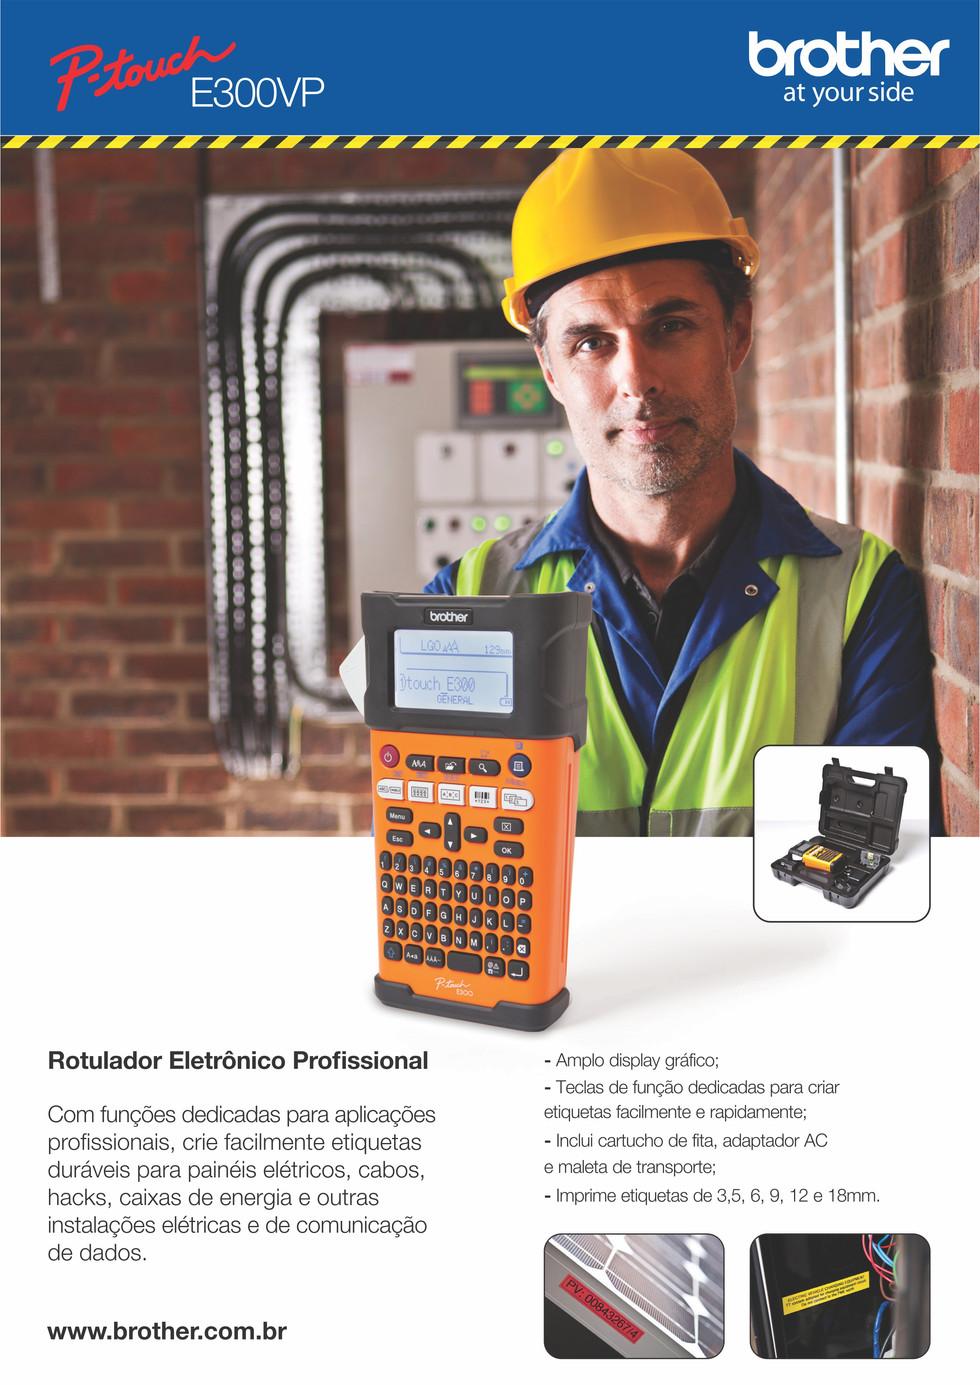 Catálogo PT E300VP - Web_1.jpg